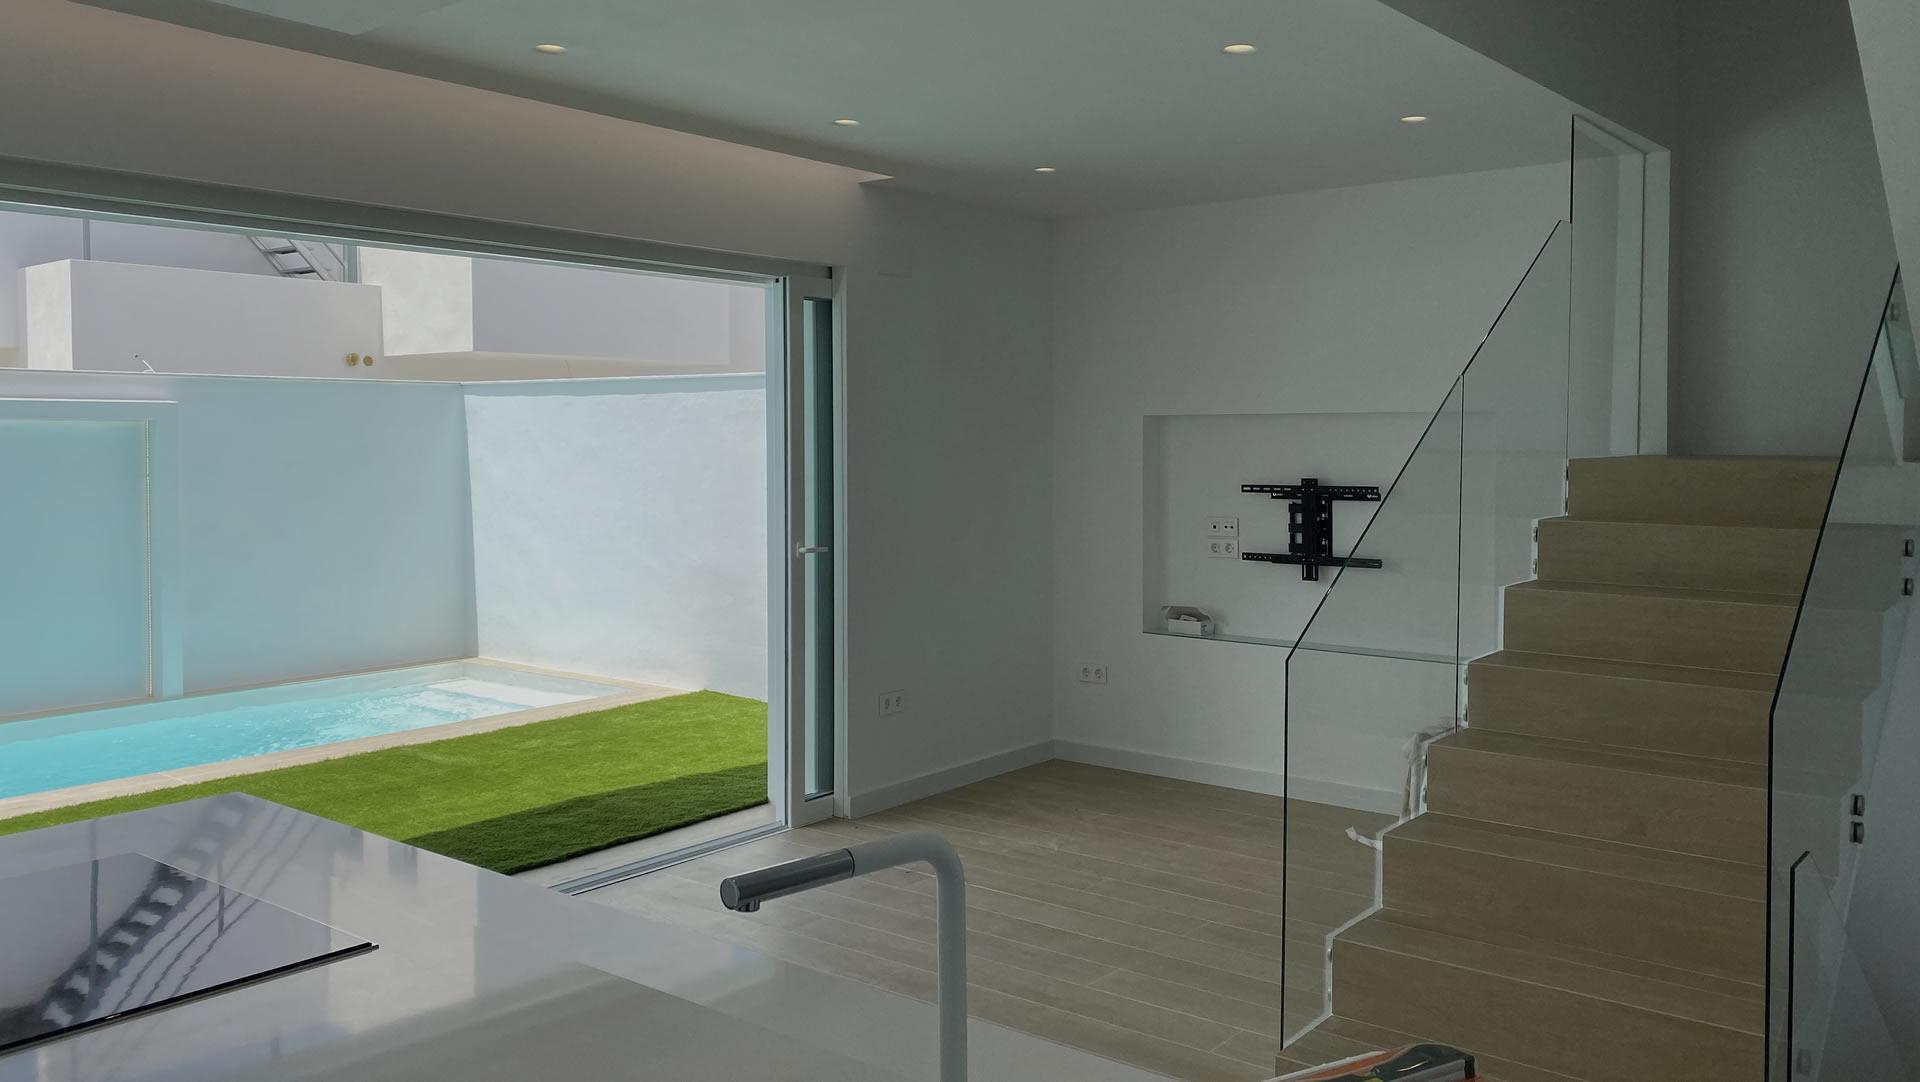 Diseño interiores. Artechhomes.